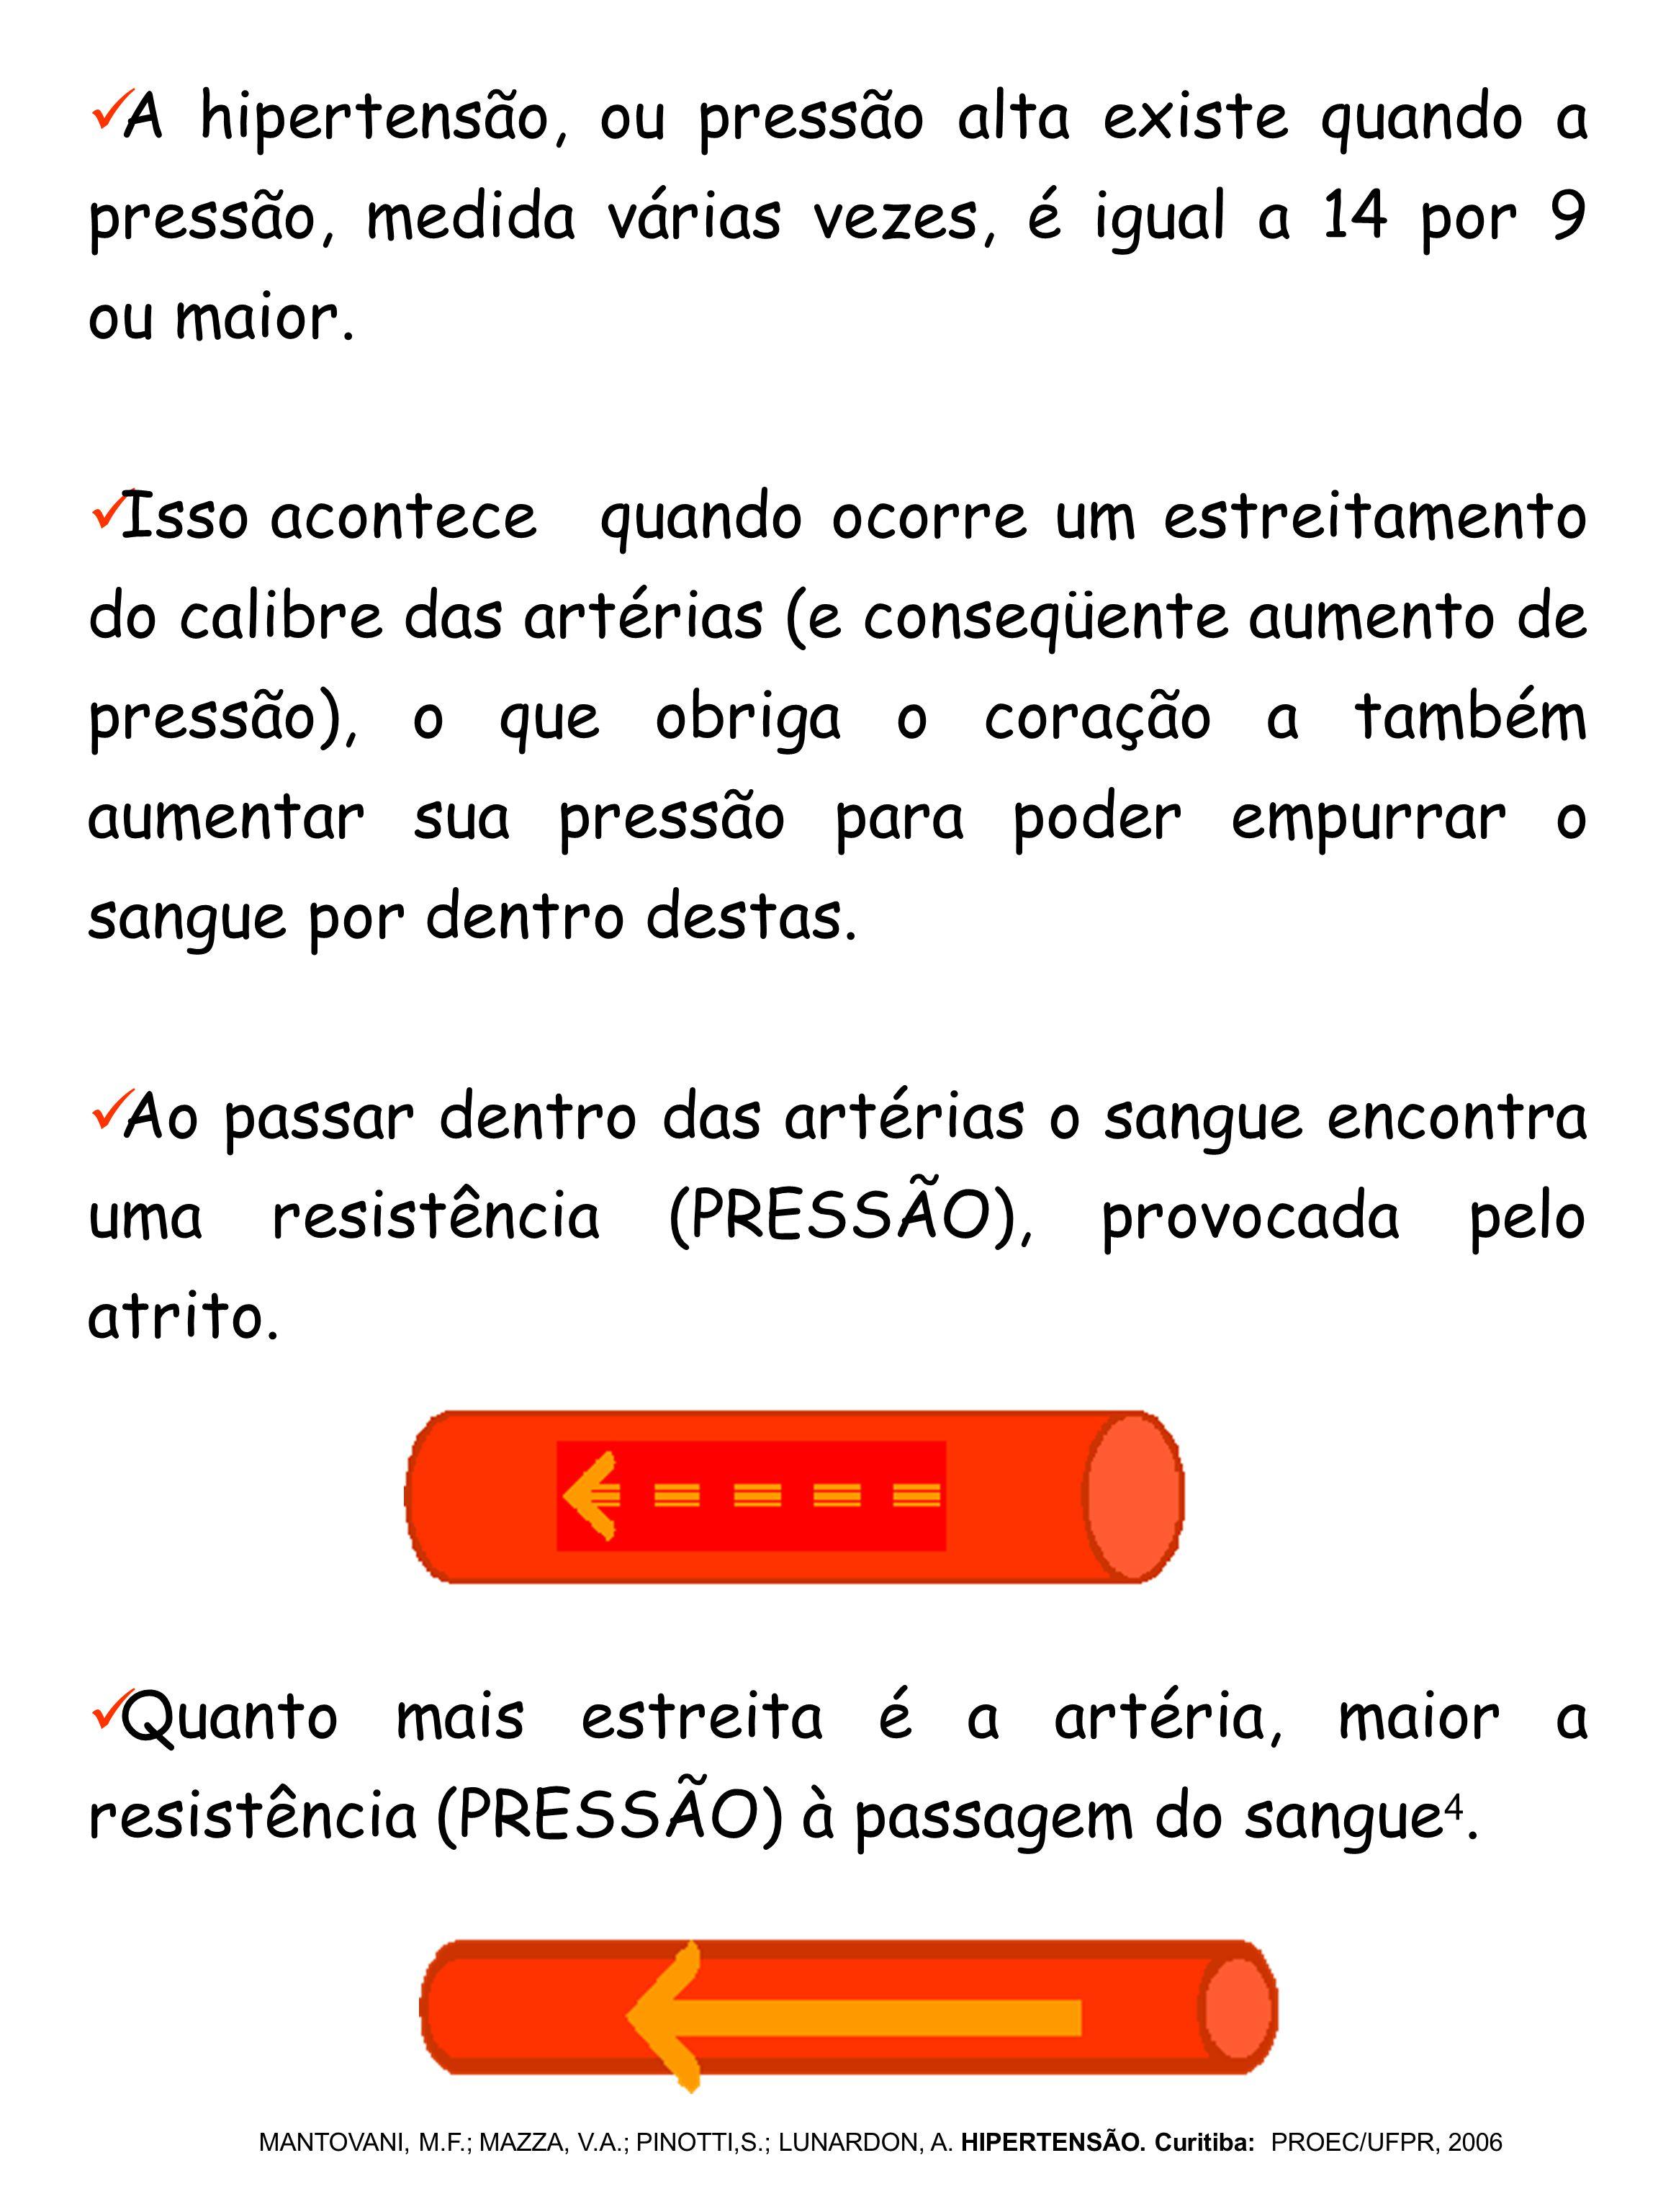 QUAIS SÃO AS CONSEQUÊNCIAS DA PRESSÃO ALTA.MANTOVANI, M.F.; MAZZA, V.A.; PINOTTI,S.; LUNARDON, A.